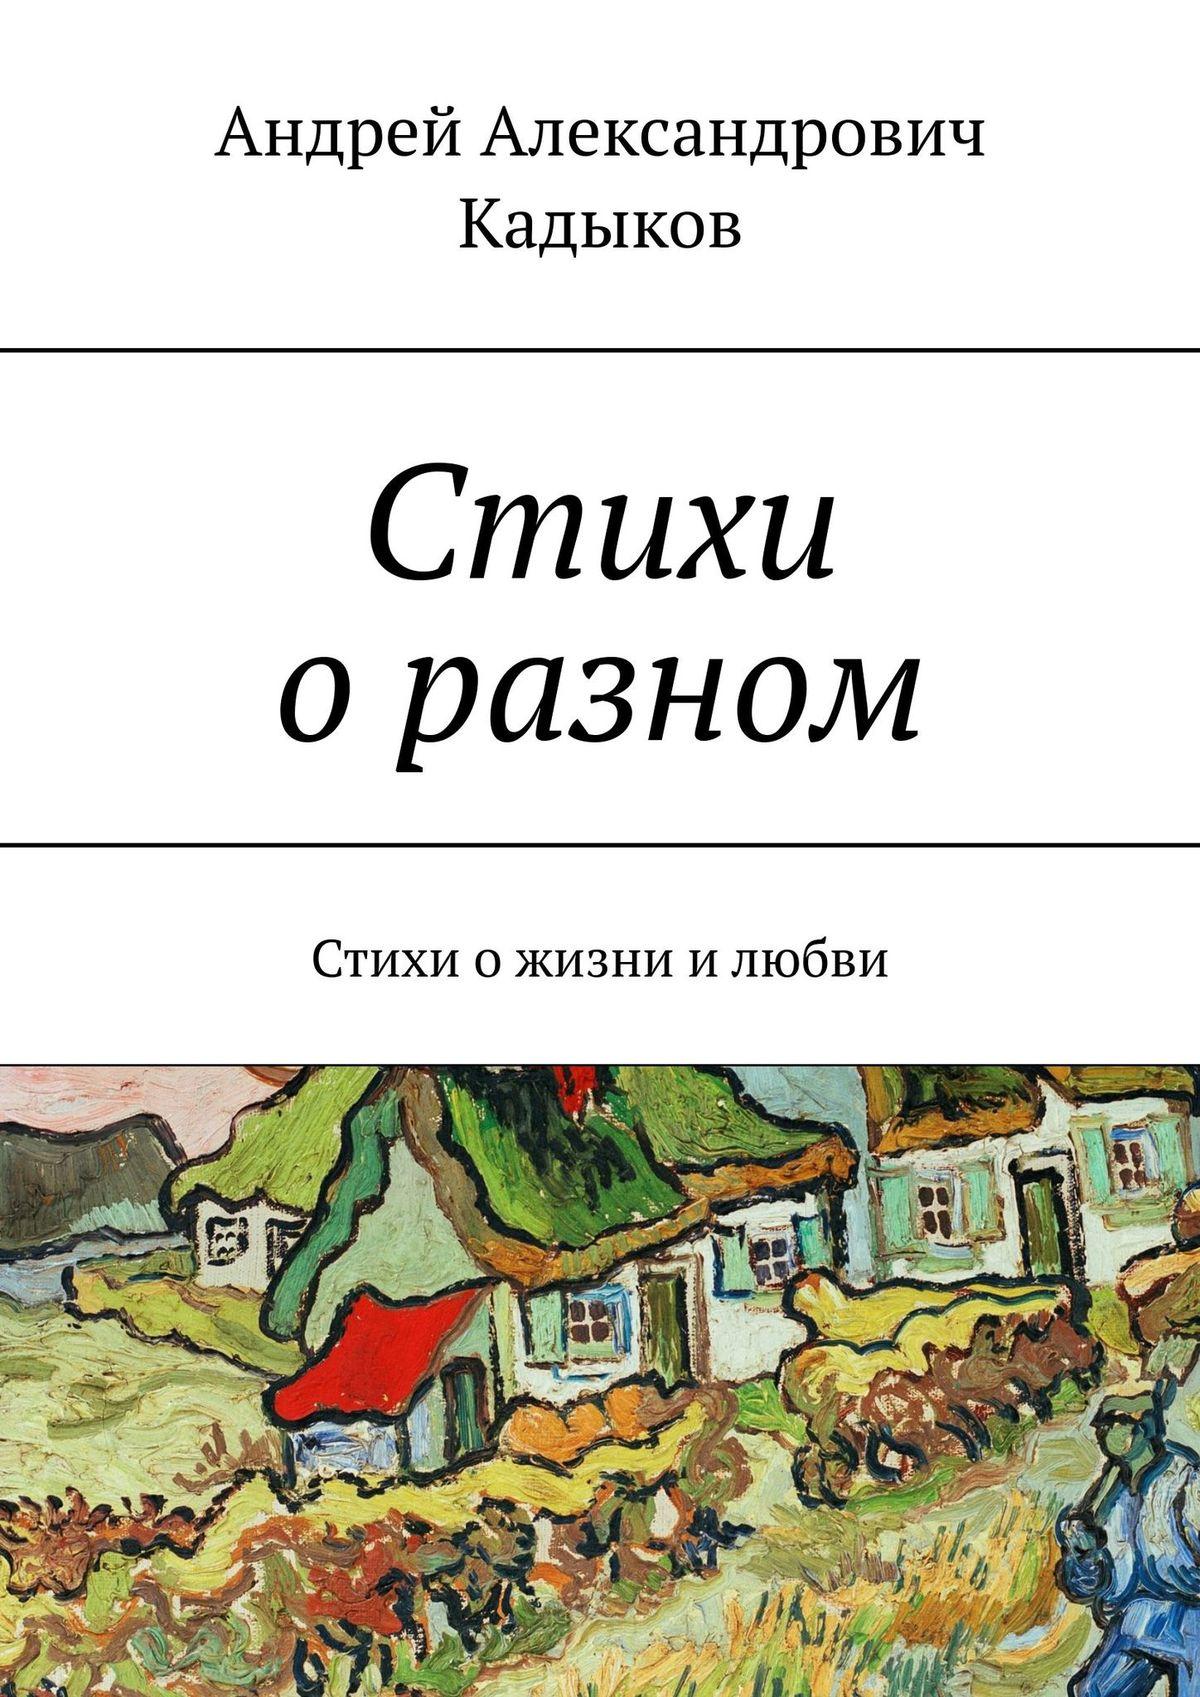 Андрей Александрович Кадыков Лишь пара строк… Стихи ожизни илюбви все стихи